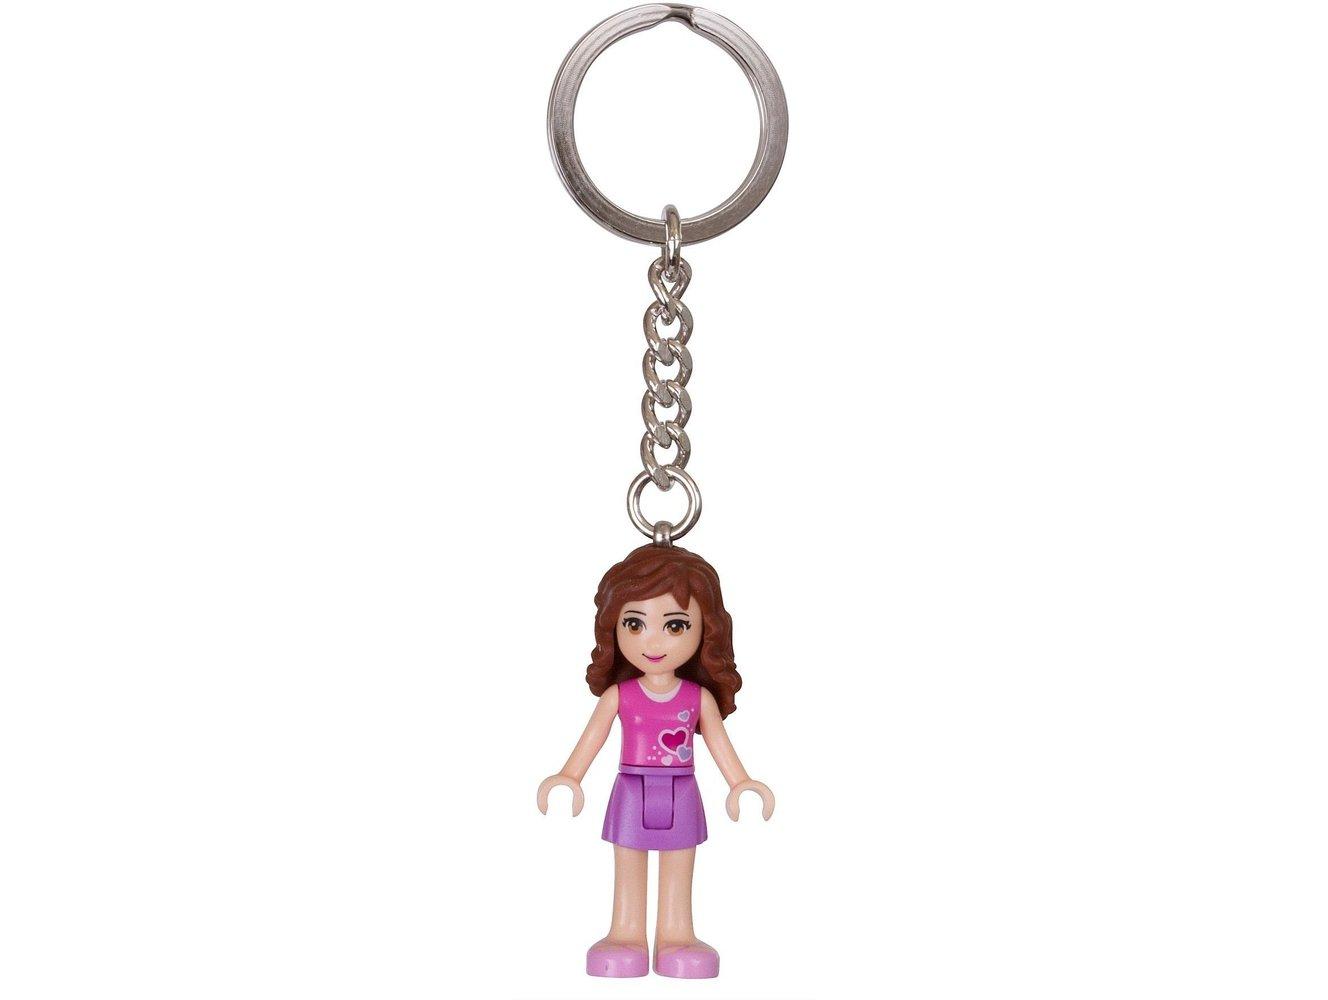 Olivia Key Chain